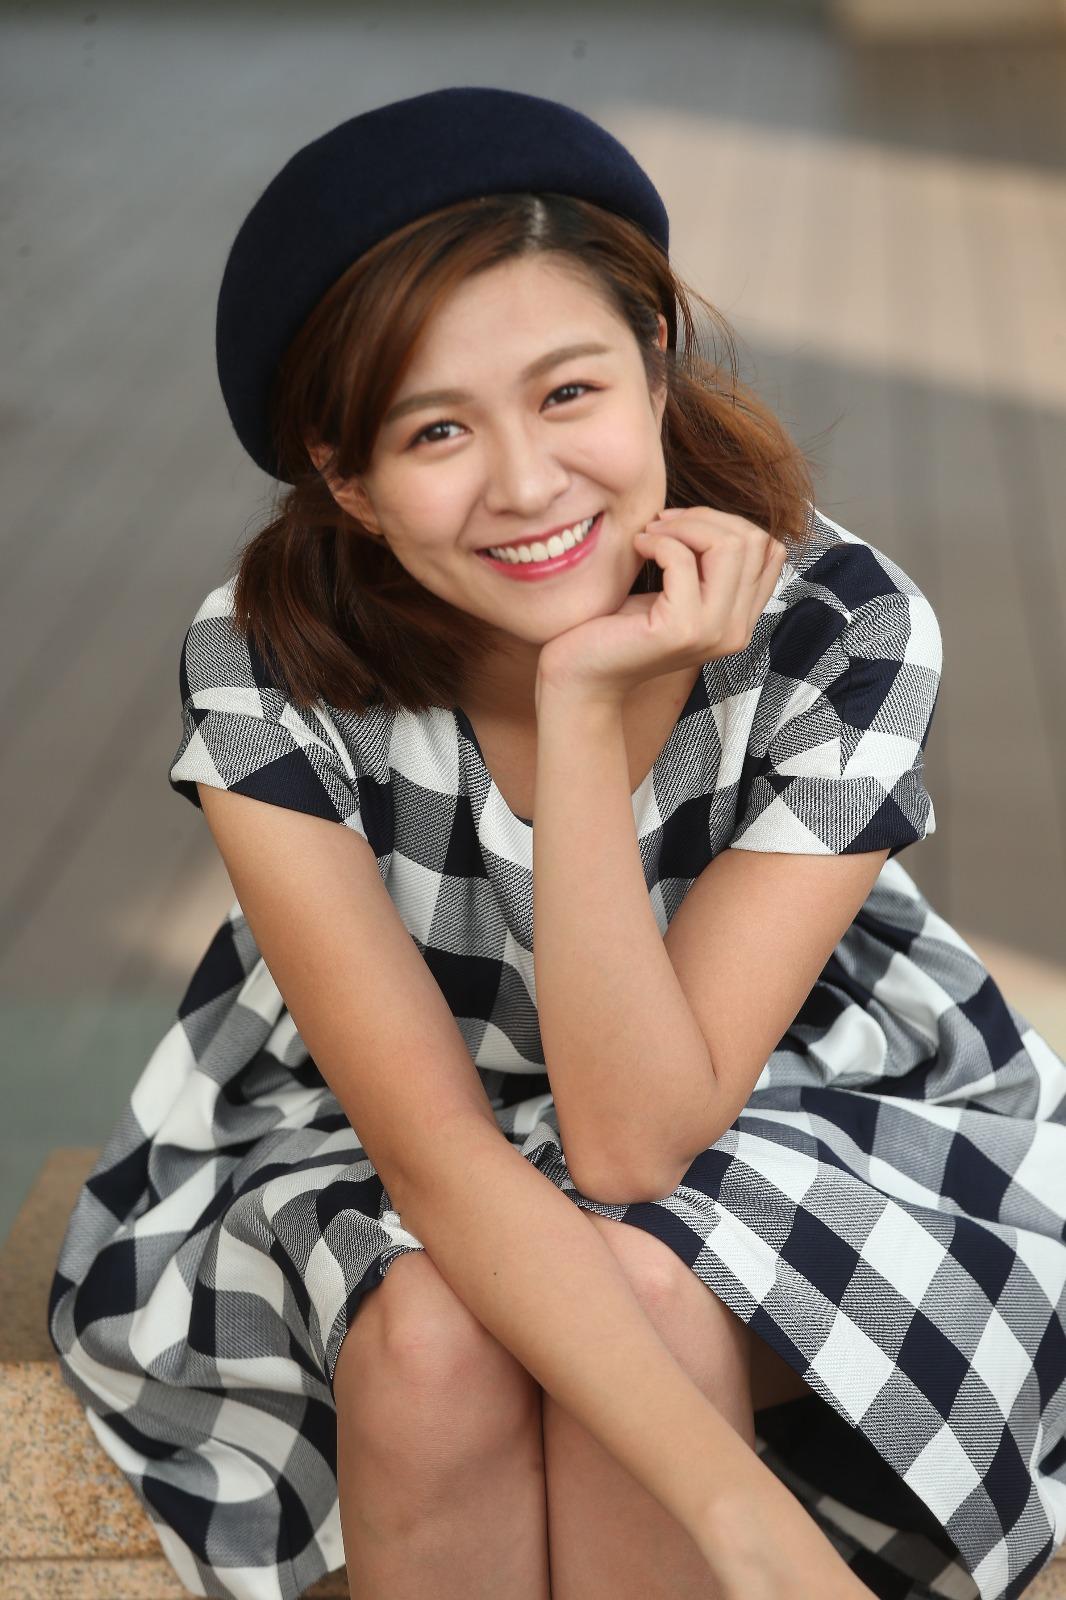 江嘉敏與圈外男友拍拖兩個多月,正值熱戀期,難怪每當提到對方時她即甜笑。